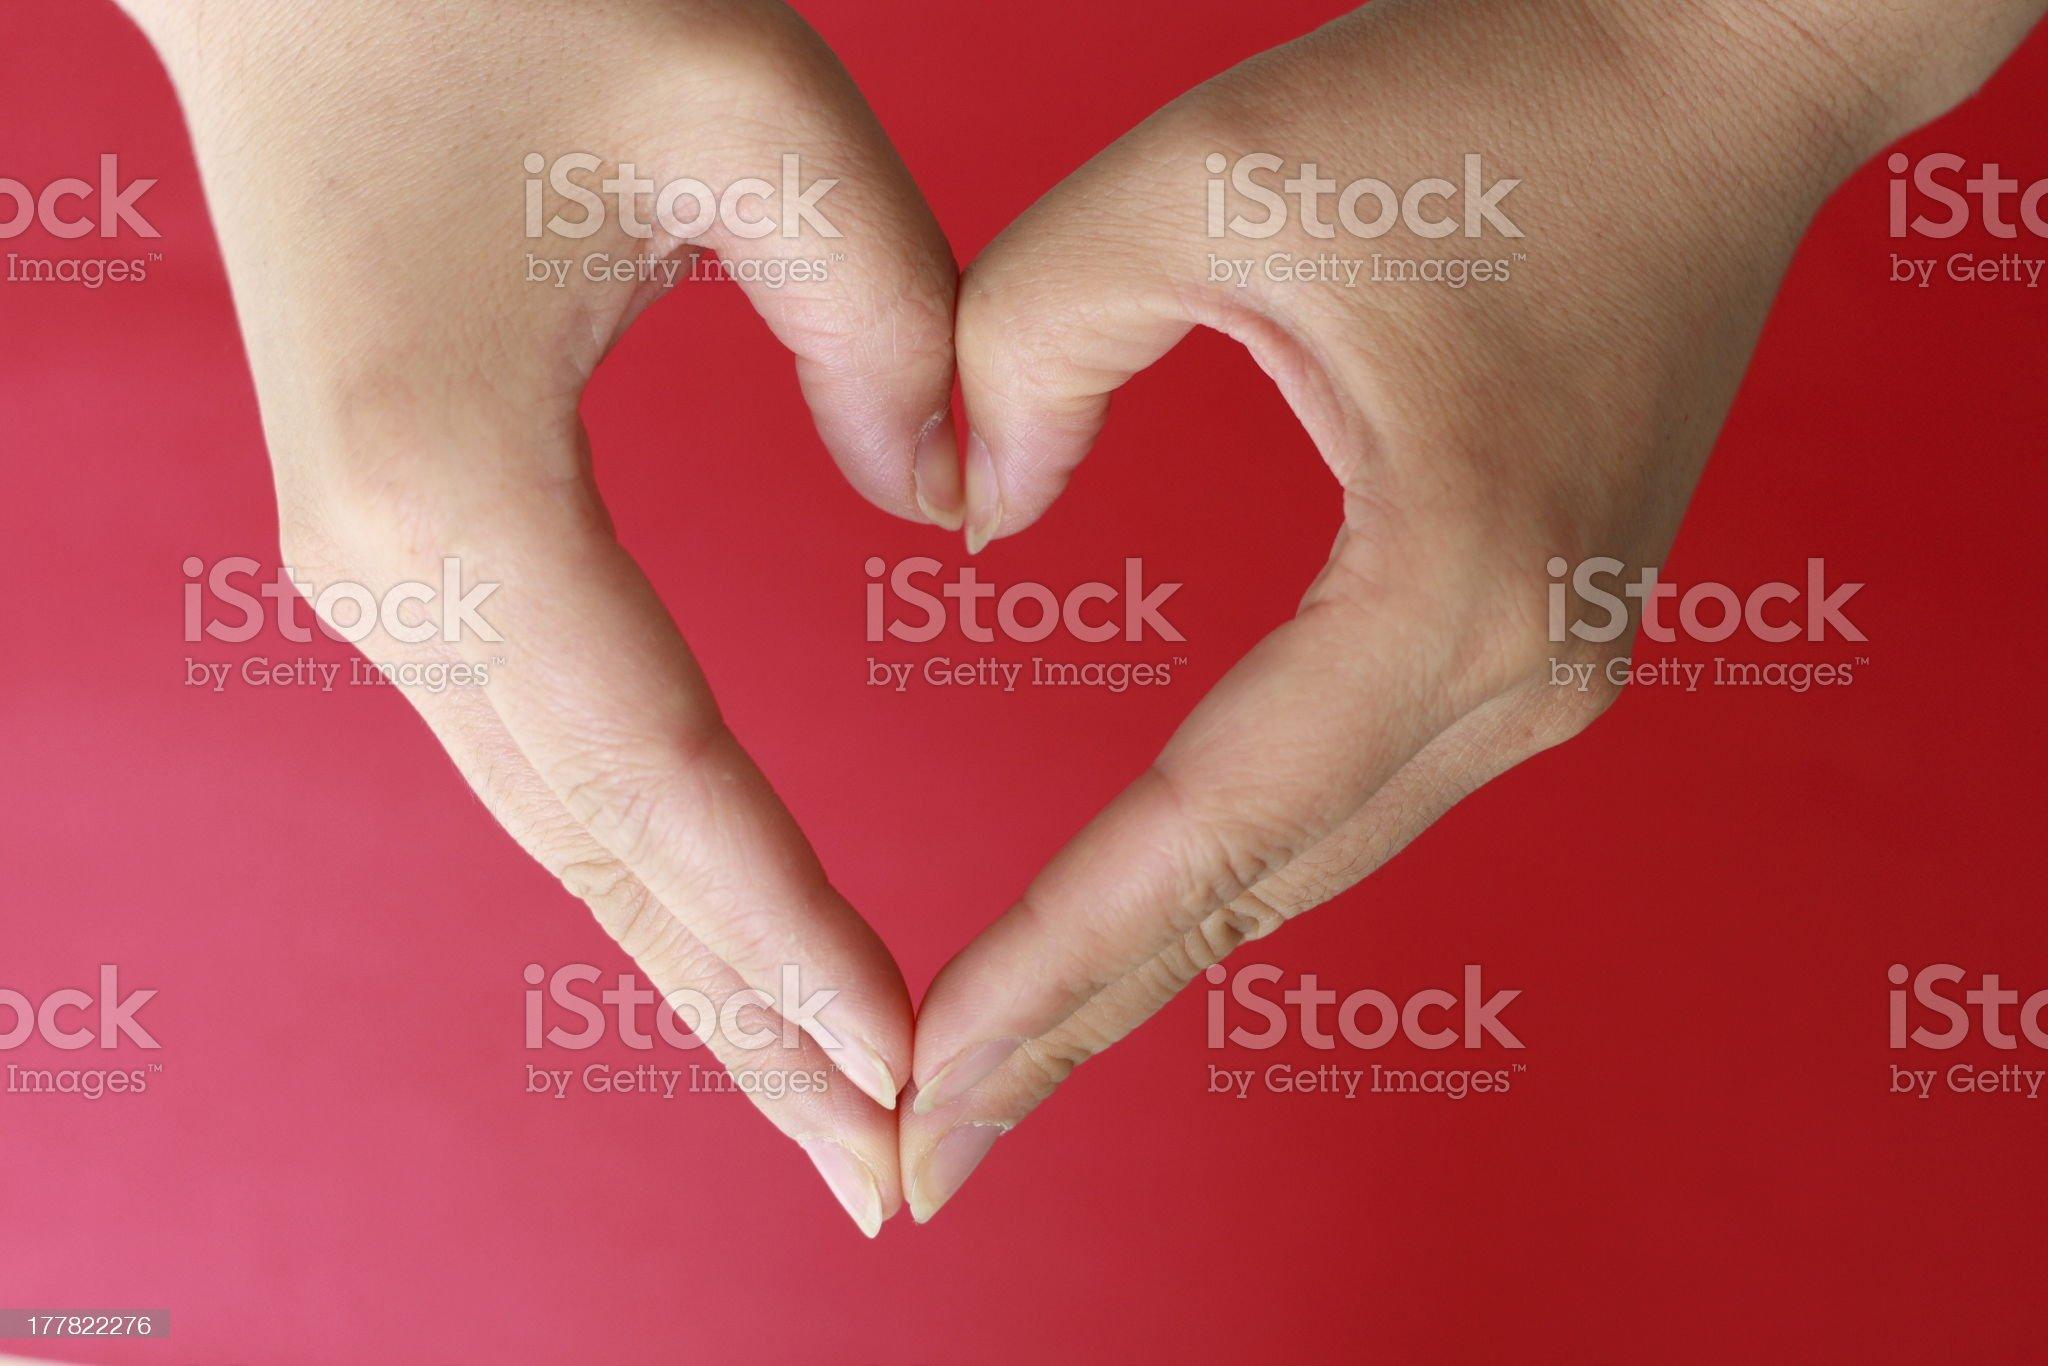 heart shape royalty-free stock photo